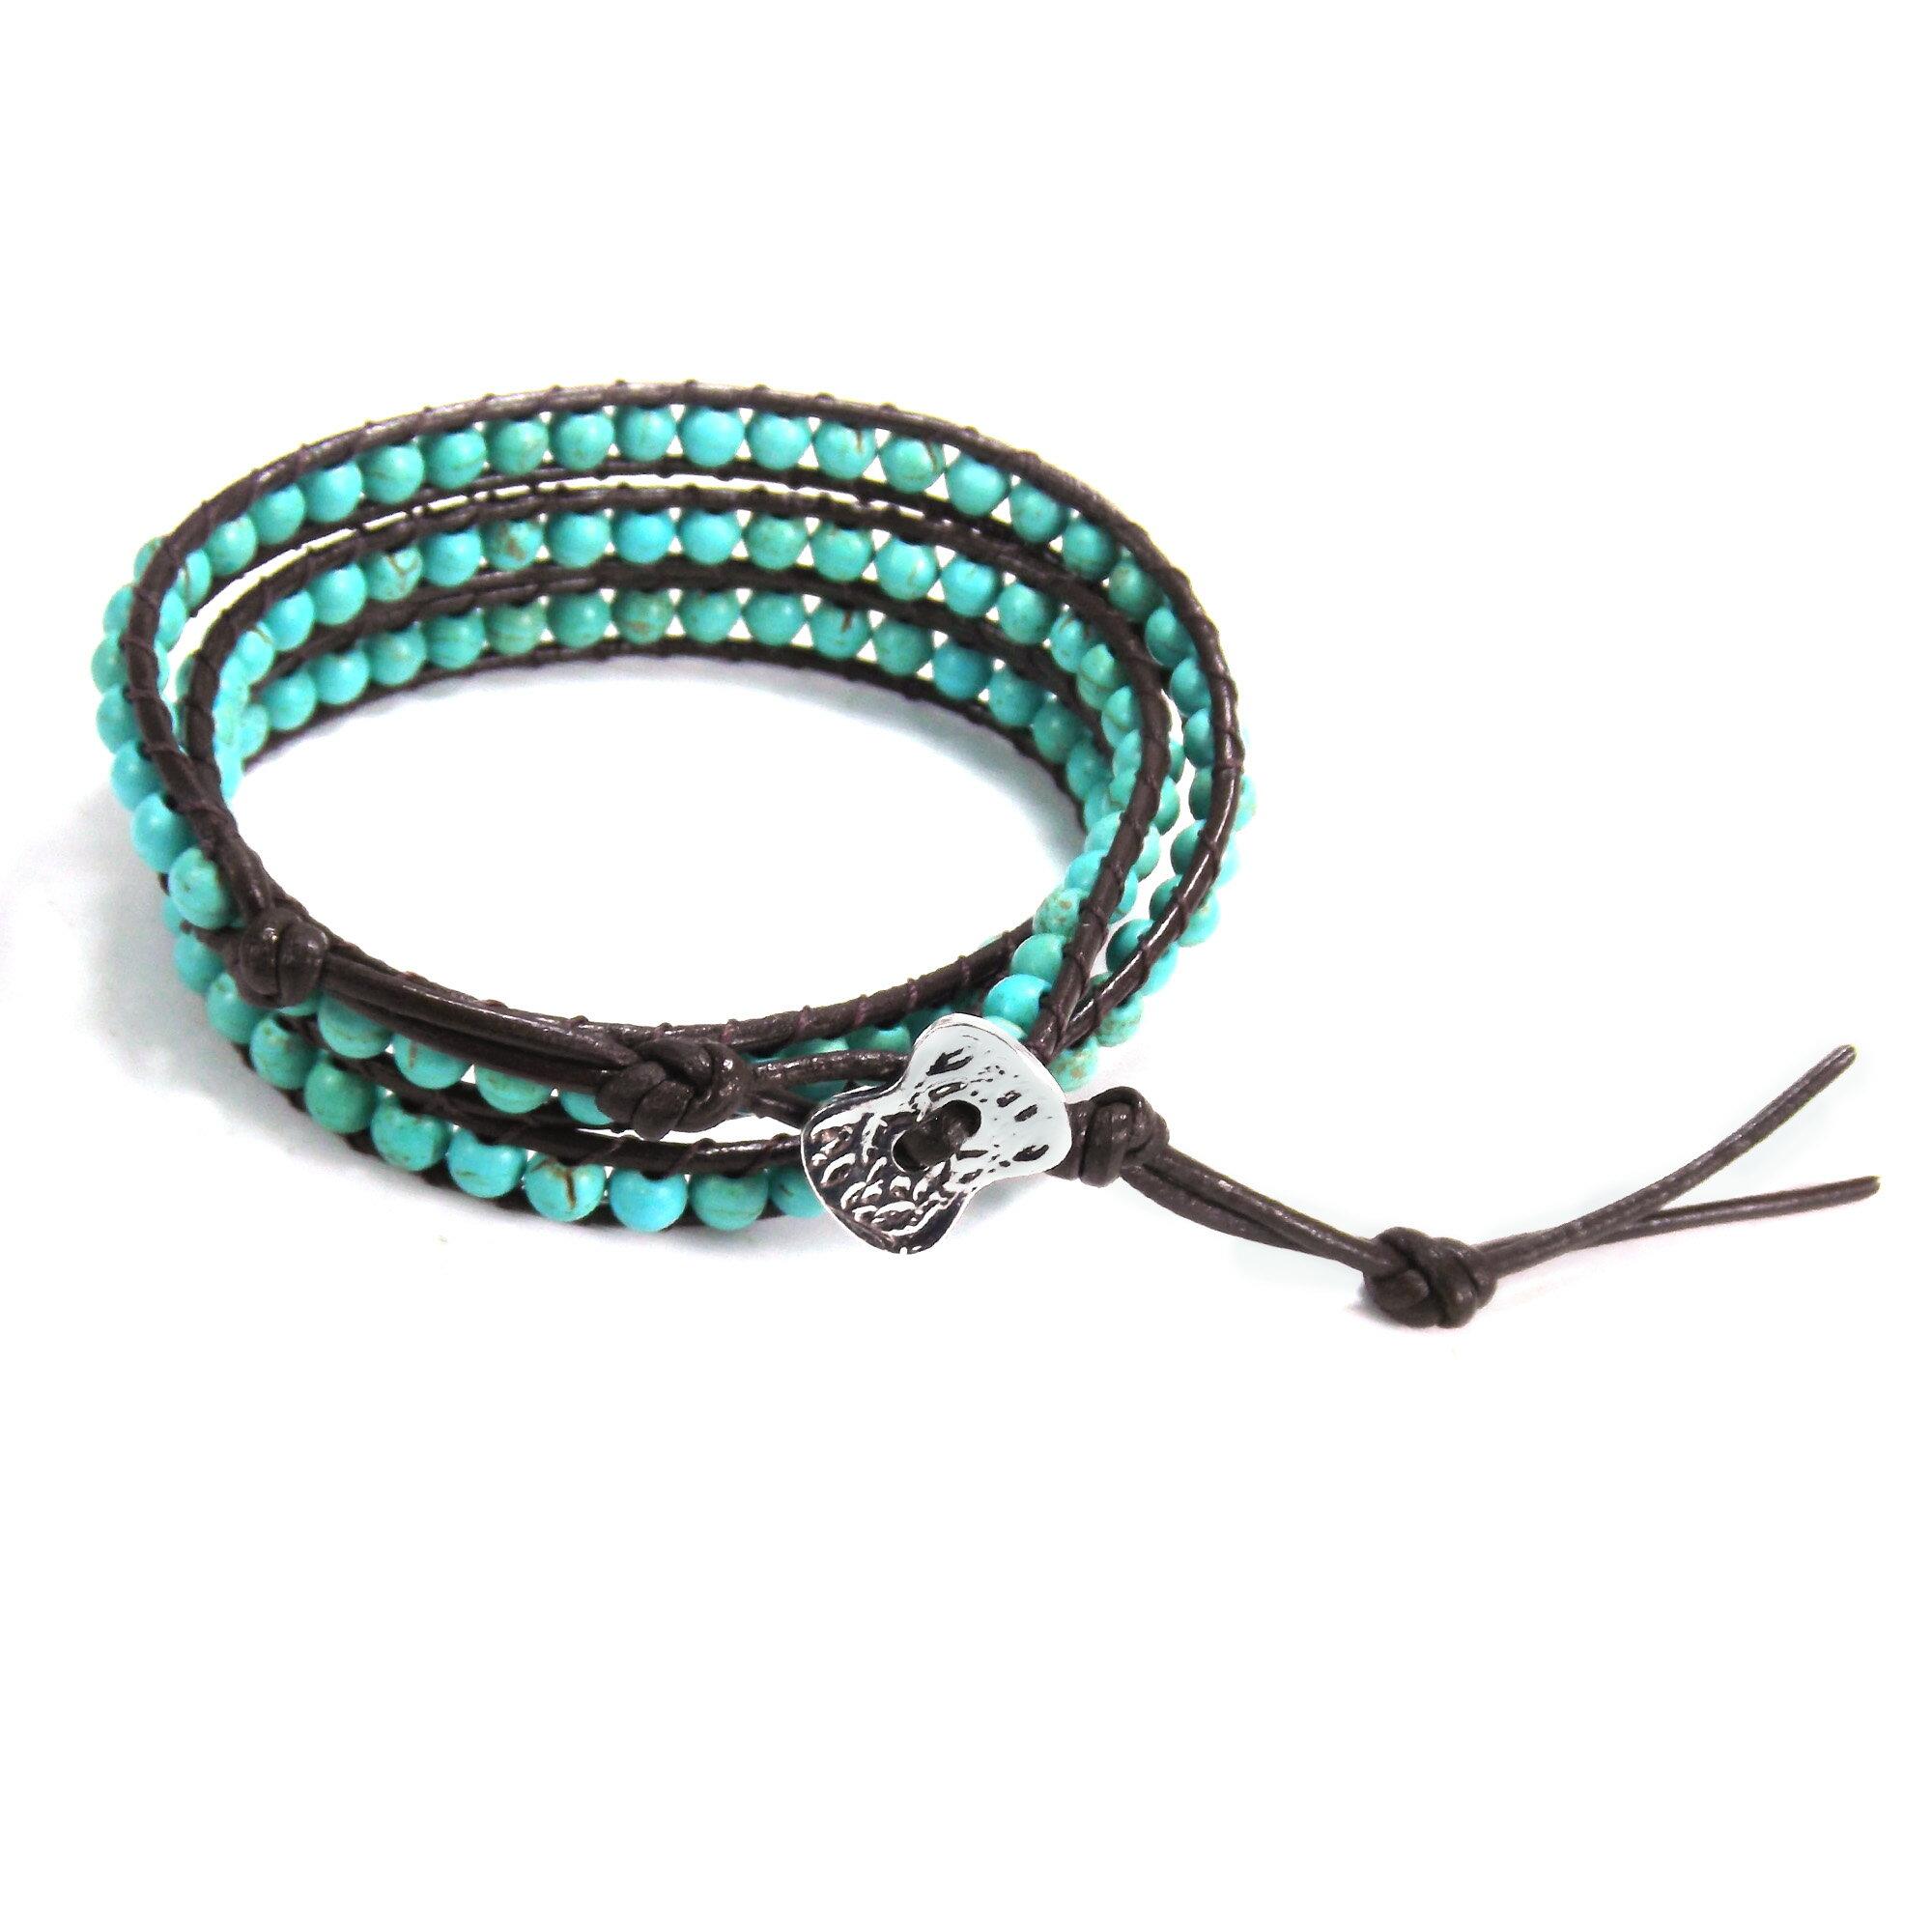 Blue Muse Turquoise Gemstone Tribal Wrap Leather Bracelet (Thailand) 1